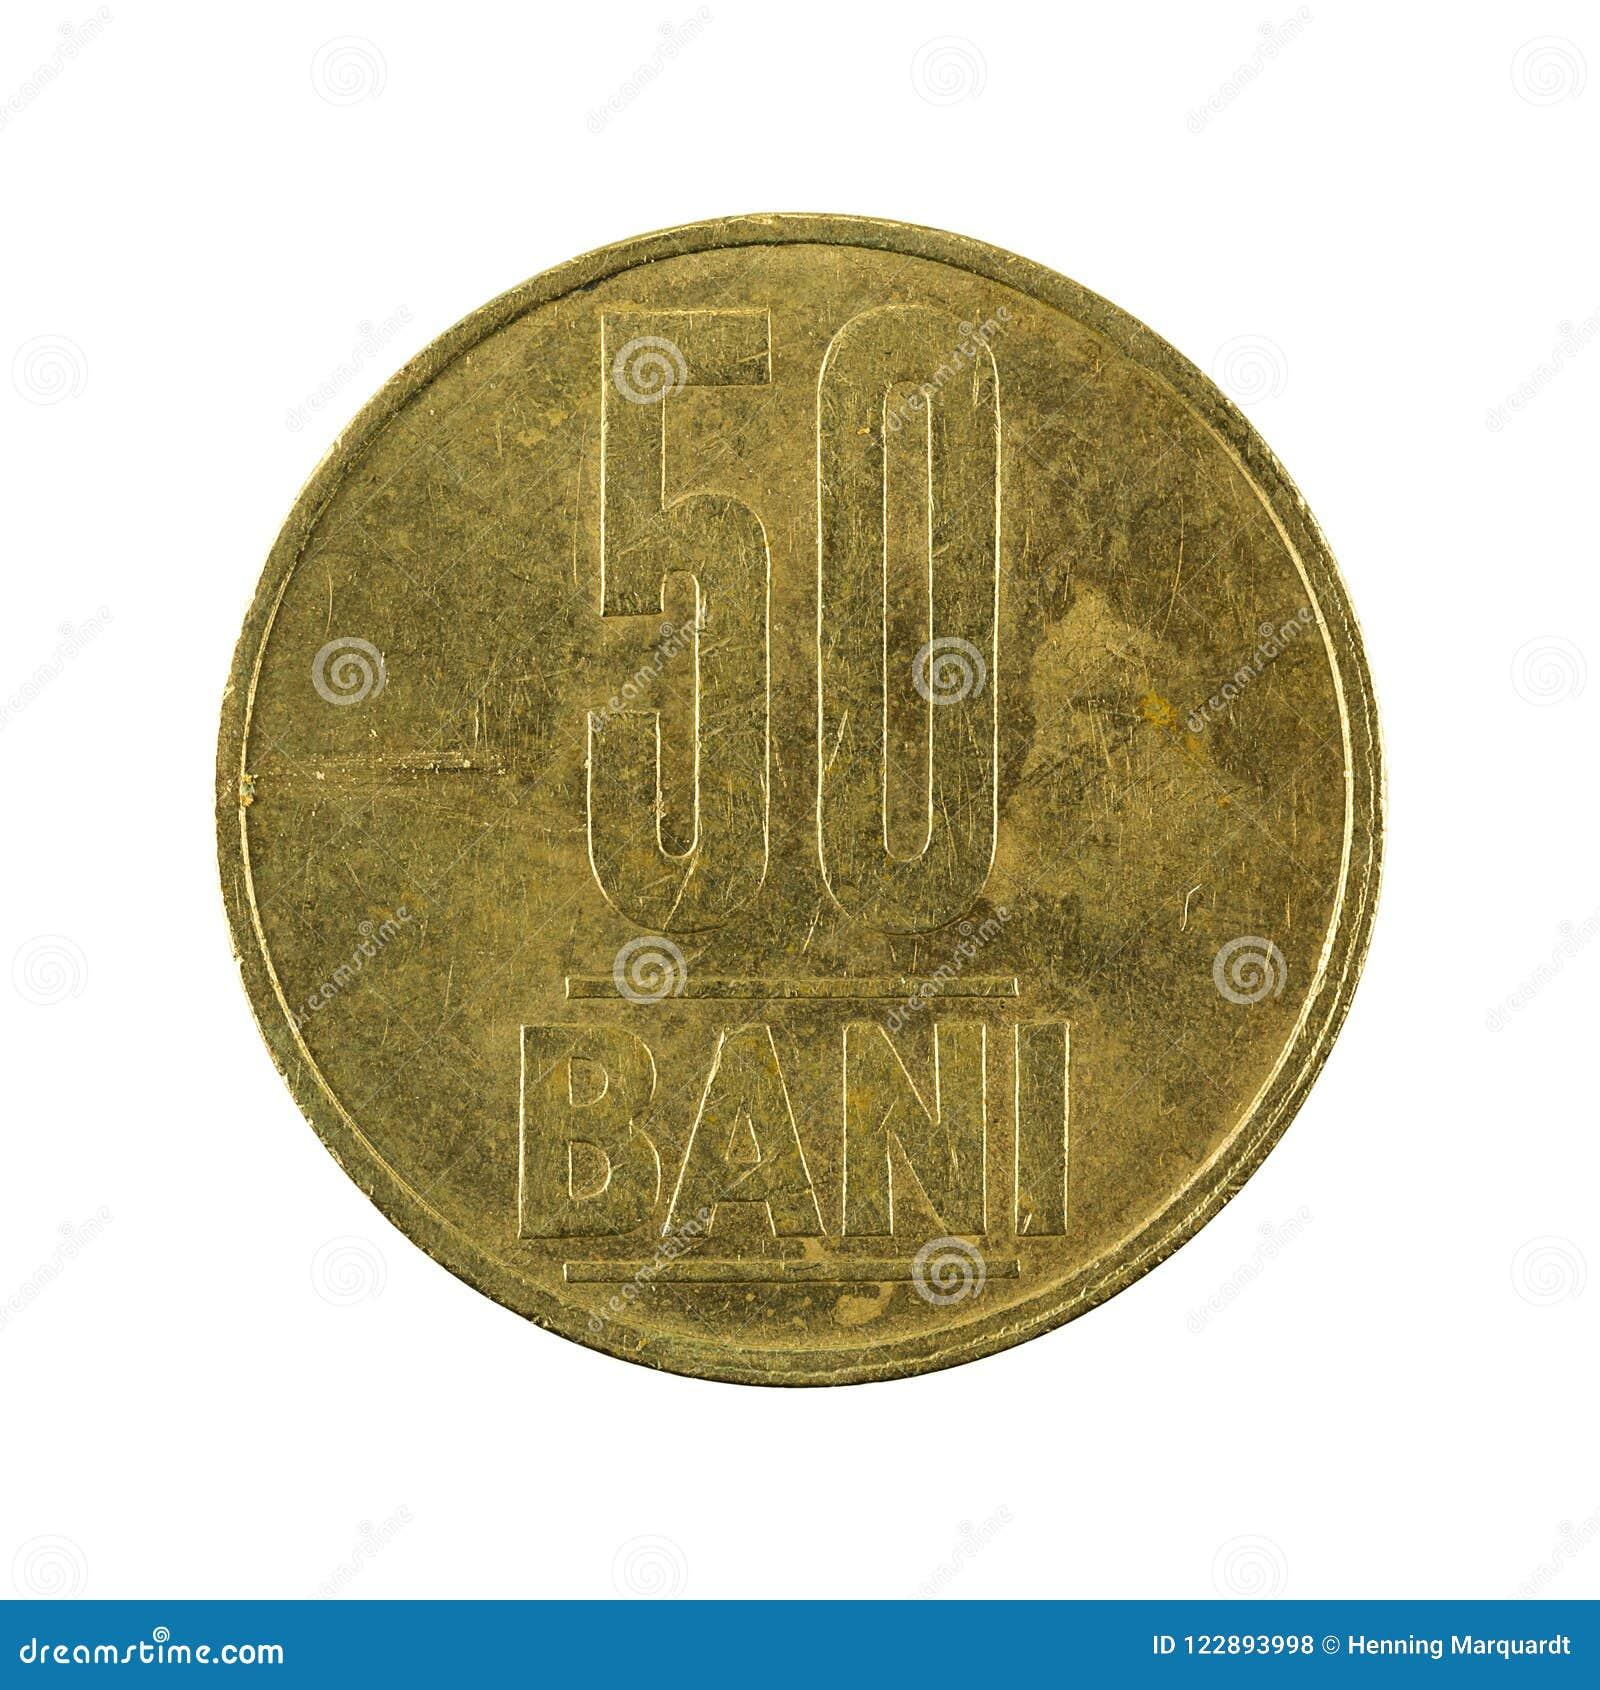 50 Gegenstücck der Rumäneverbot-Münze 2005 lokalisiert auf weißem Hintergrund